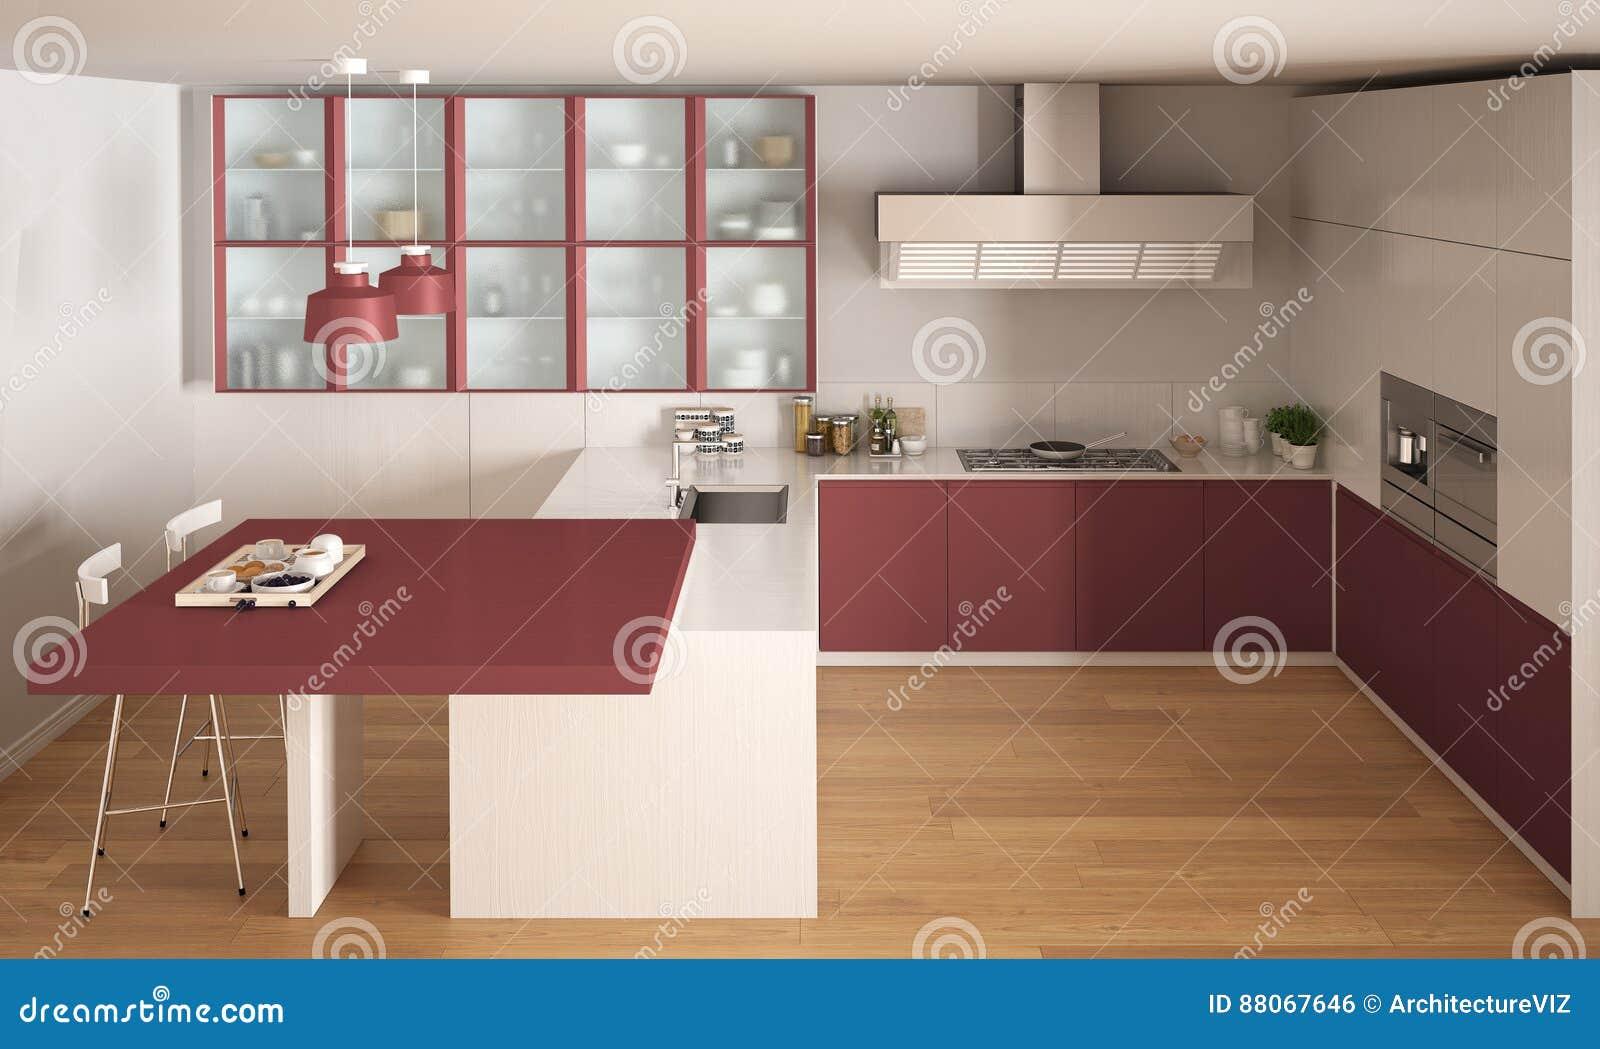 Klassische Minimale Weisse Und Rote Kuche Mit Dem Parkettboden